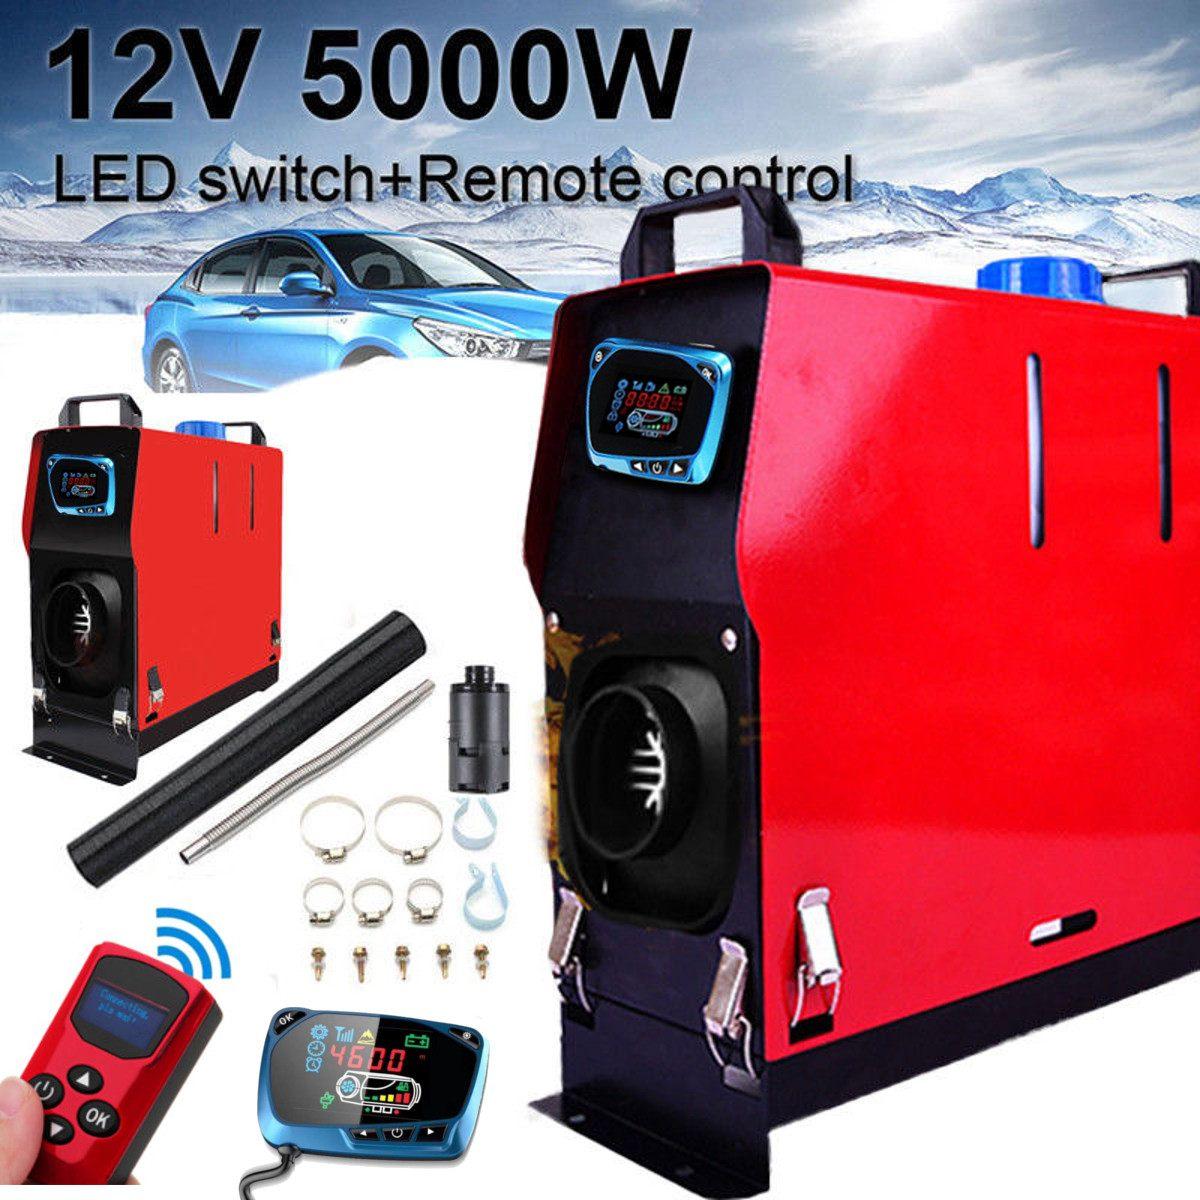 5000 W Air diesels chauffage 5KW 12 V un trou voiture chauffage pour camions camping-Car bateaux Bus + LCD interrupteur à clé + silencieux + télécommande